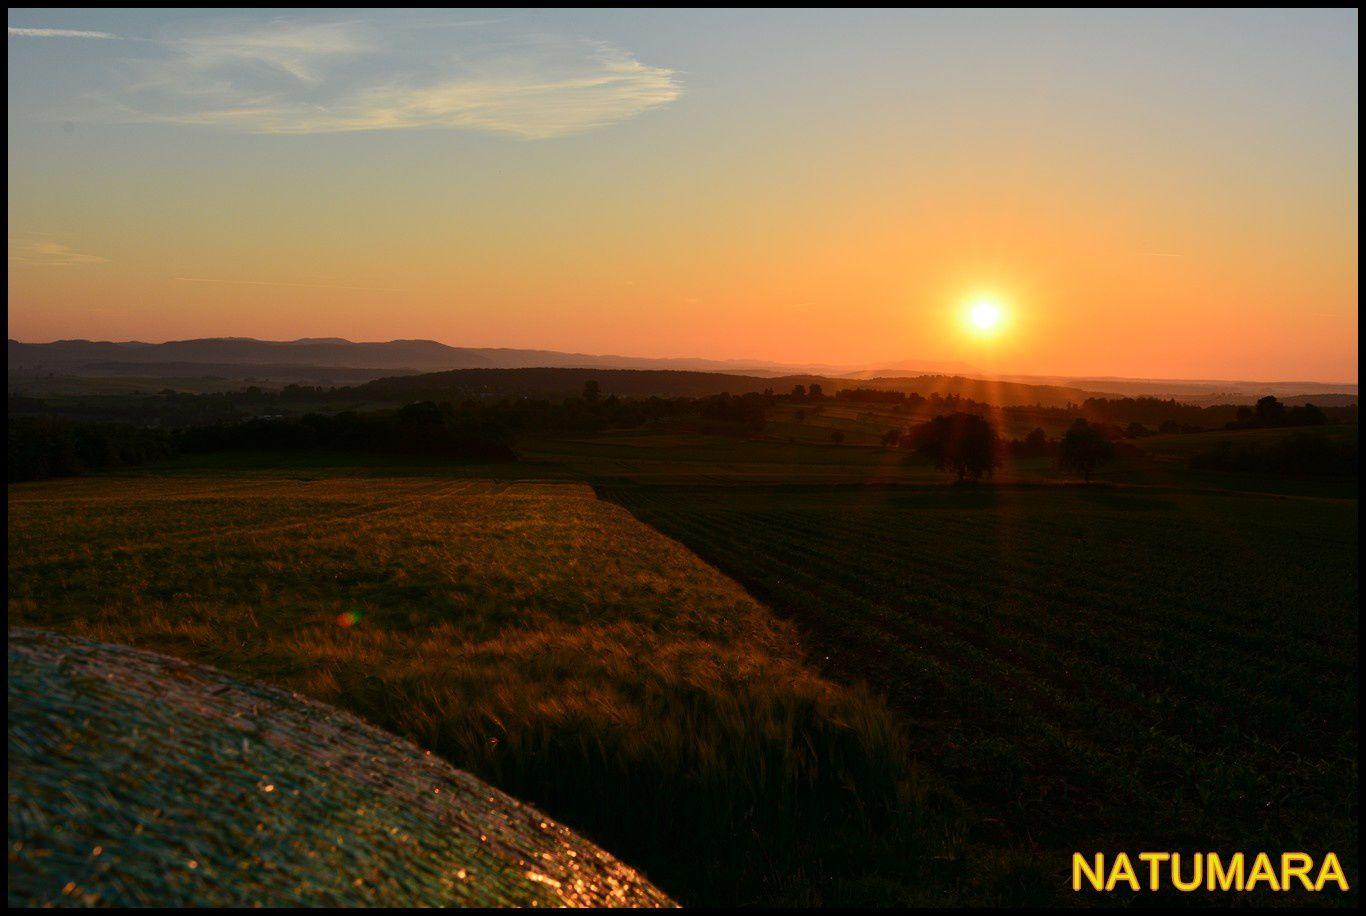 Autrefois, les champs de blé se paraient de toutes les couleurs...